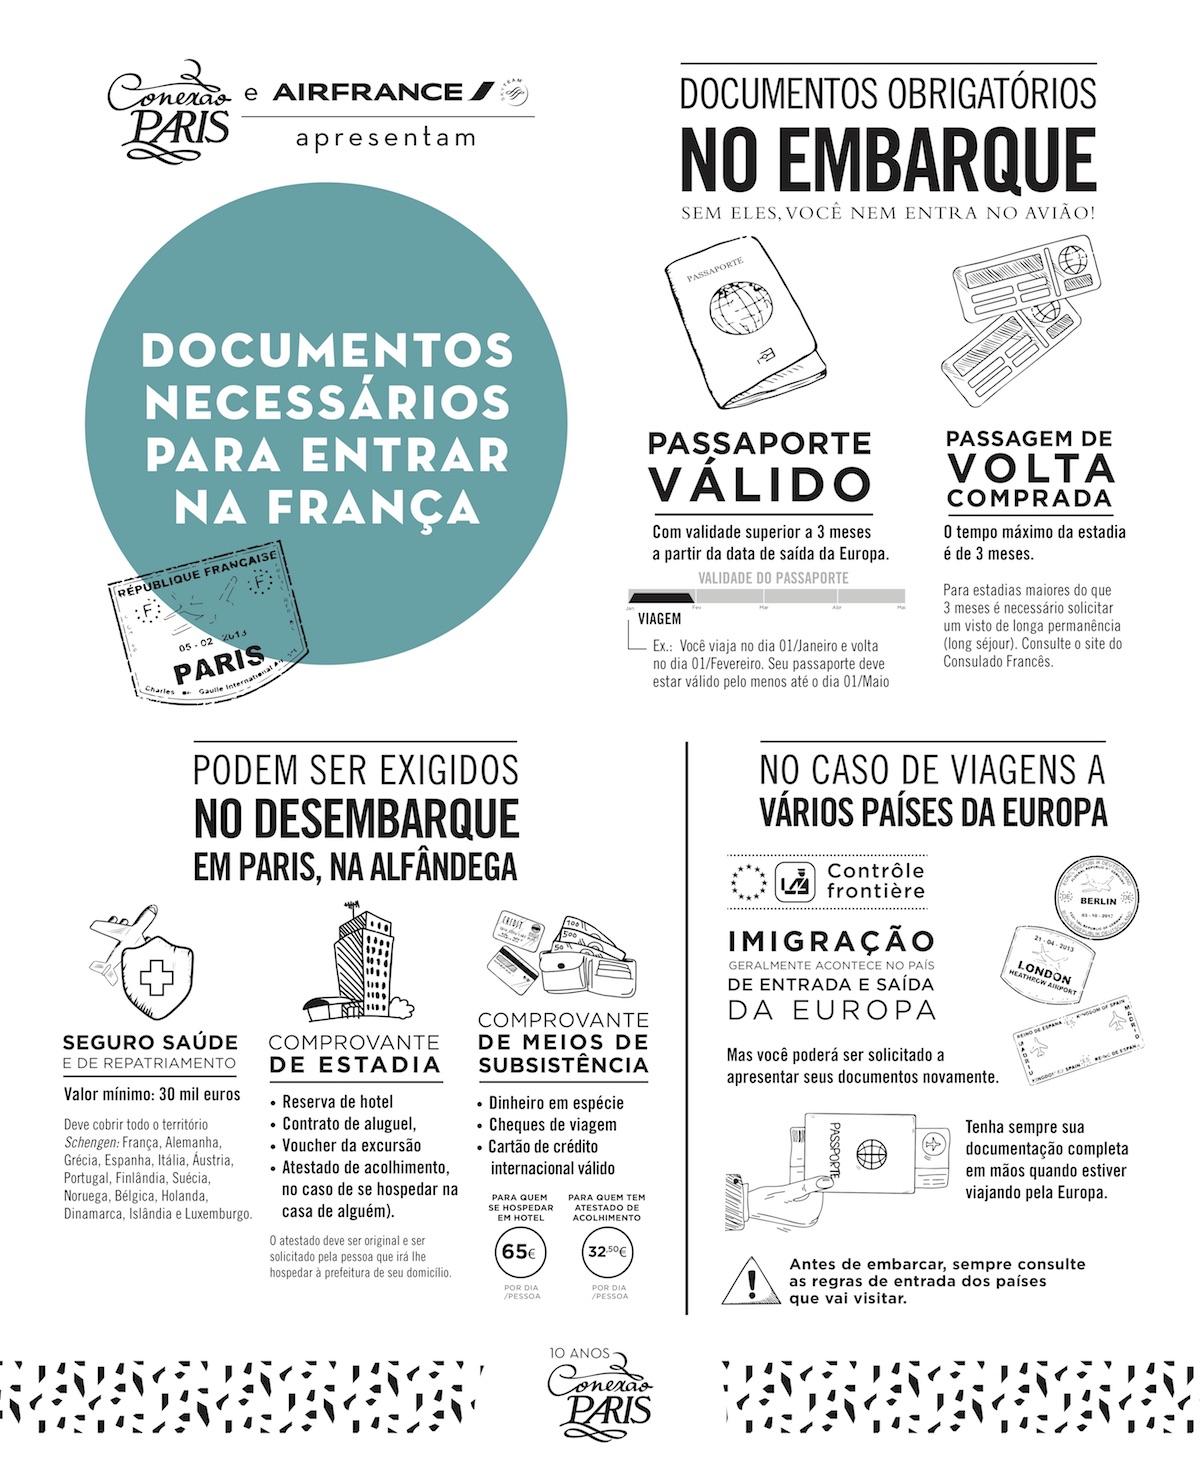 Documentos necessários para entrar na França